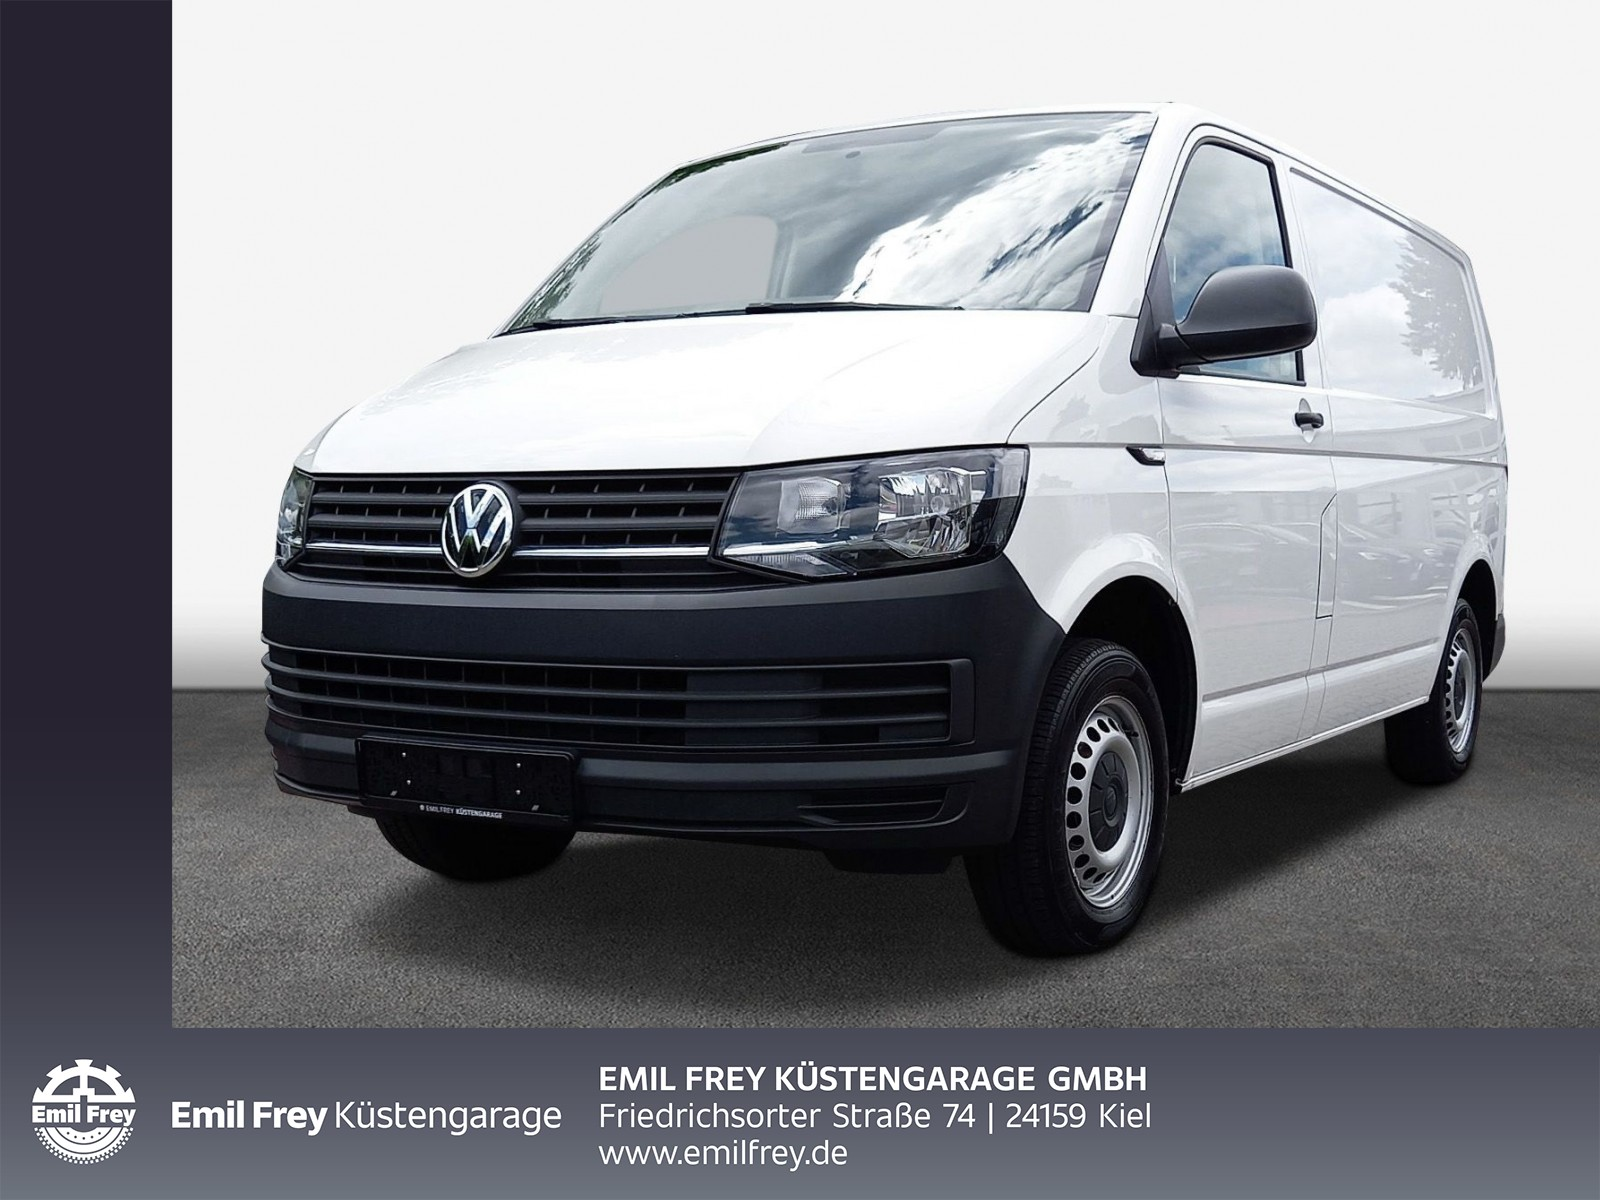 Volkswagen T6 Kasten T6 Eco Profi 2,0 TDI AHK, el. FH, Jahr 2017, Diesel